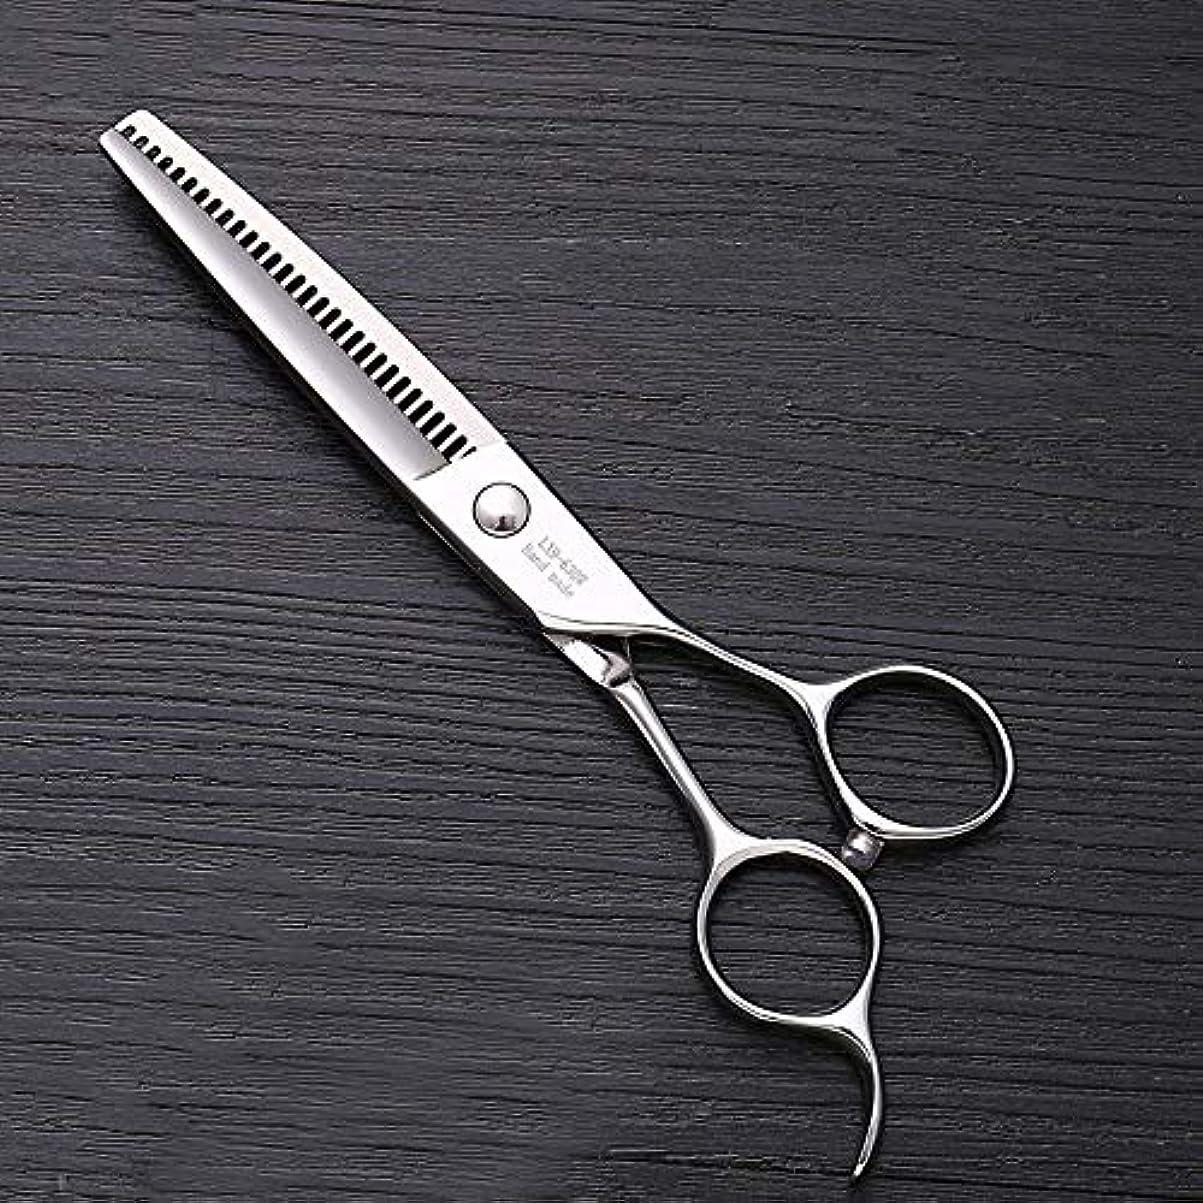 容赦ない被る連結する6インチステンレススチールハイエンドプロフェッショナル理髪はさみ モデリングツール (色 : Silver)